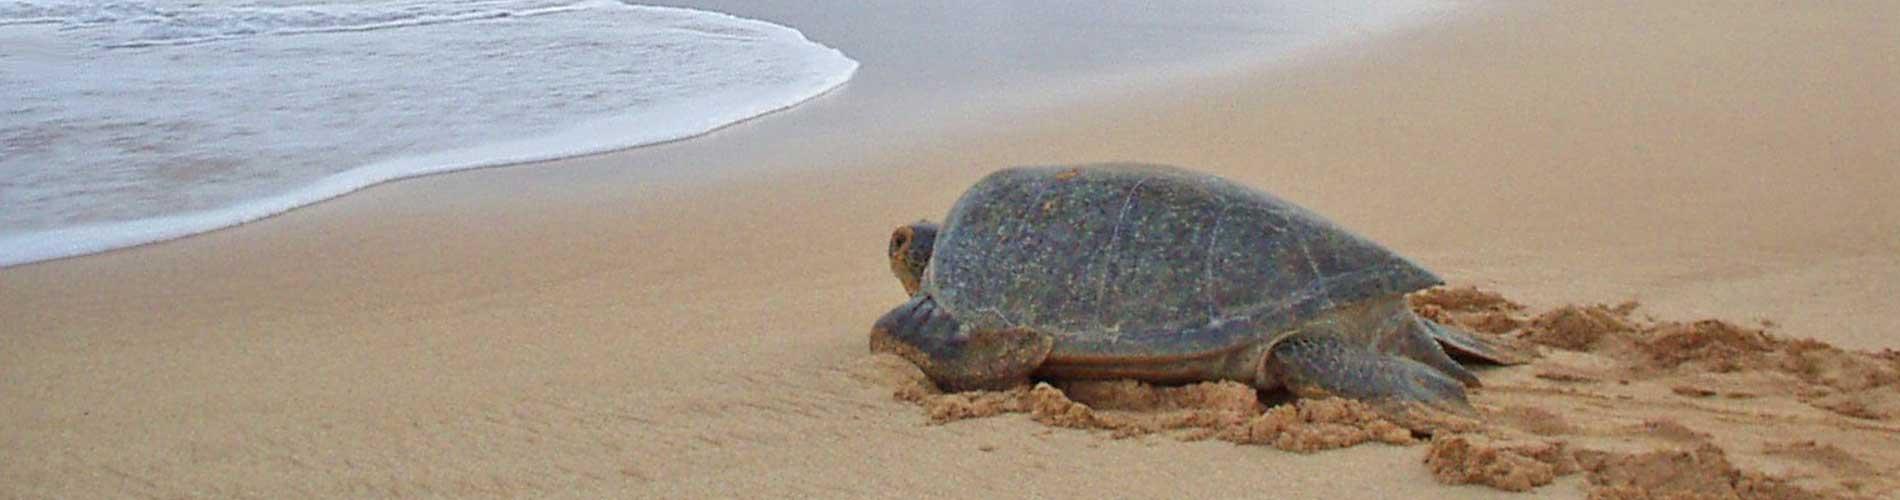 Schildpaddentour